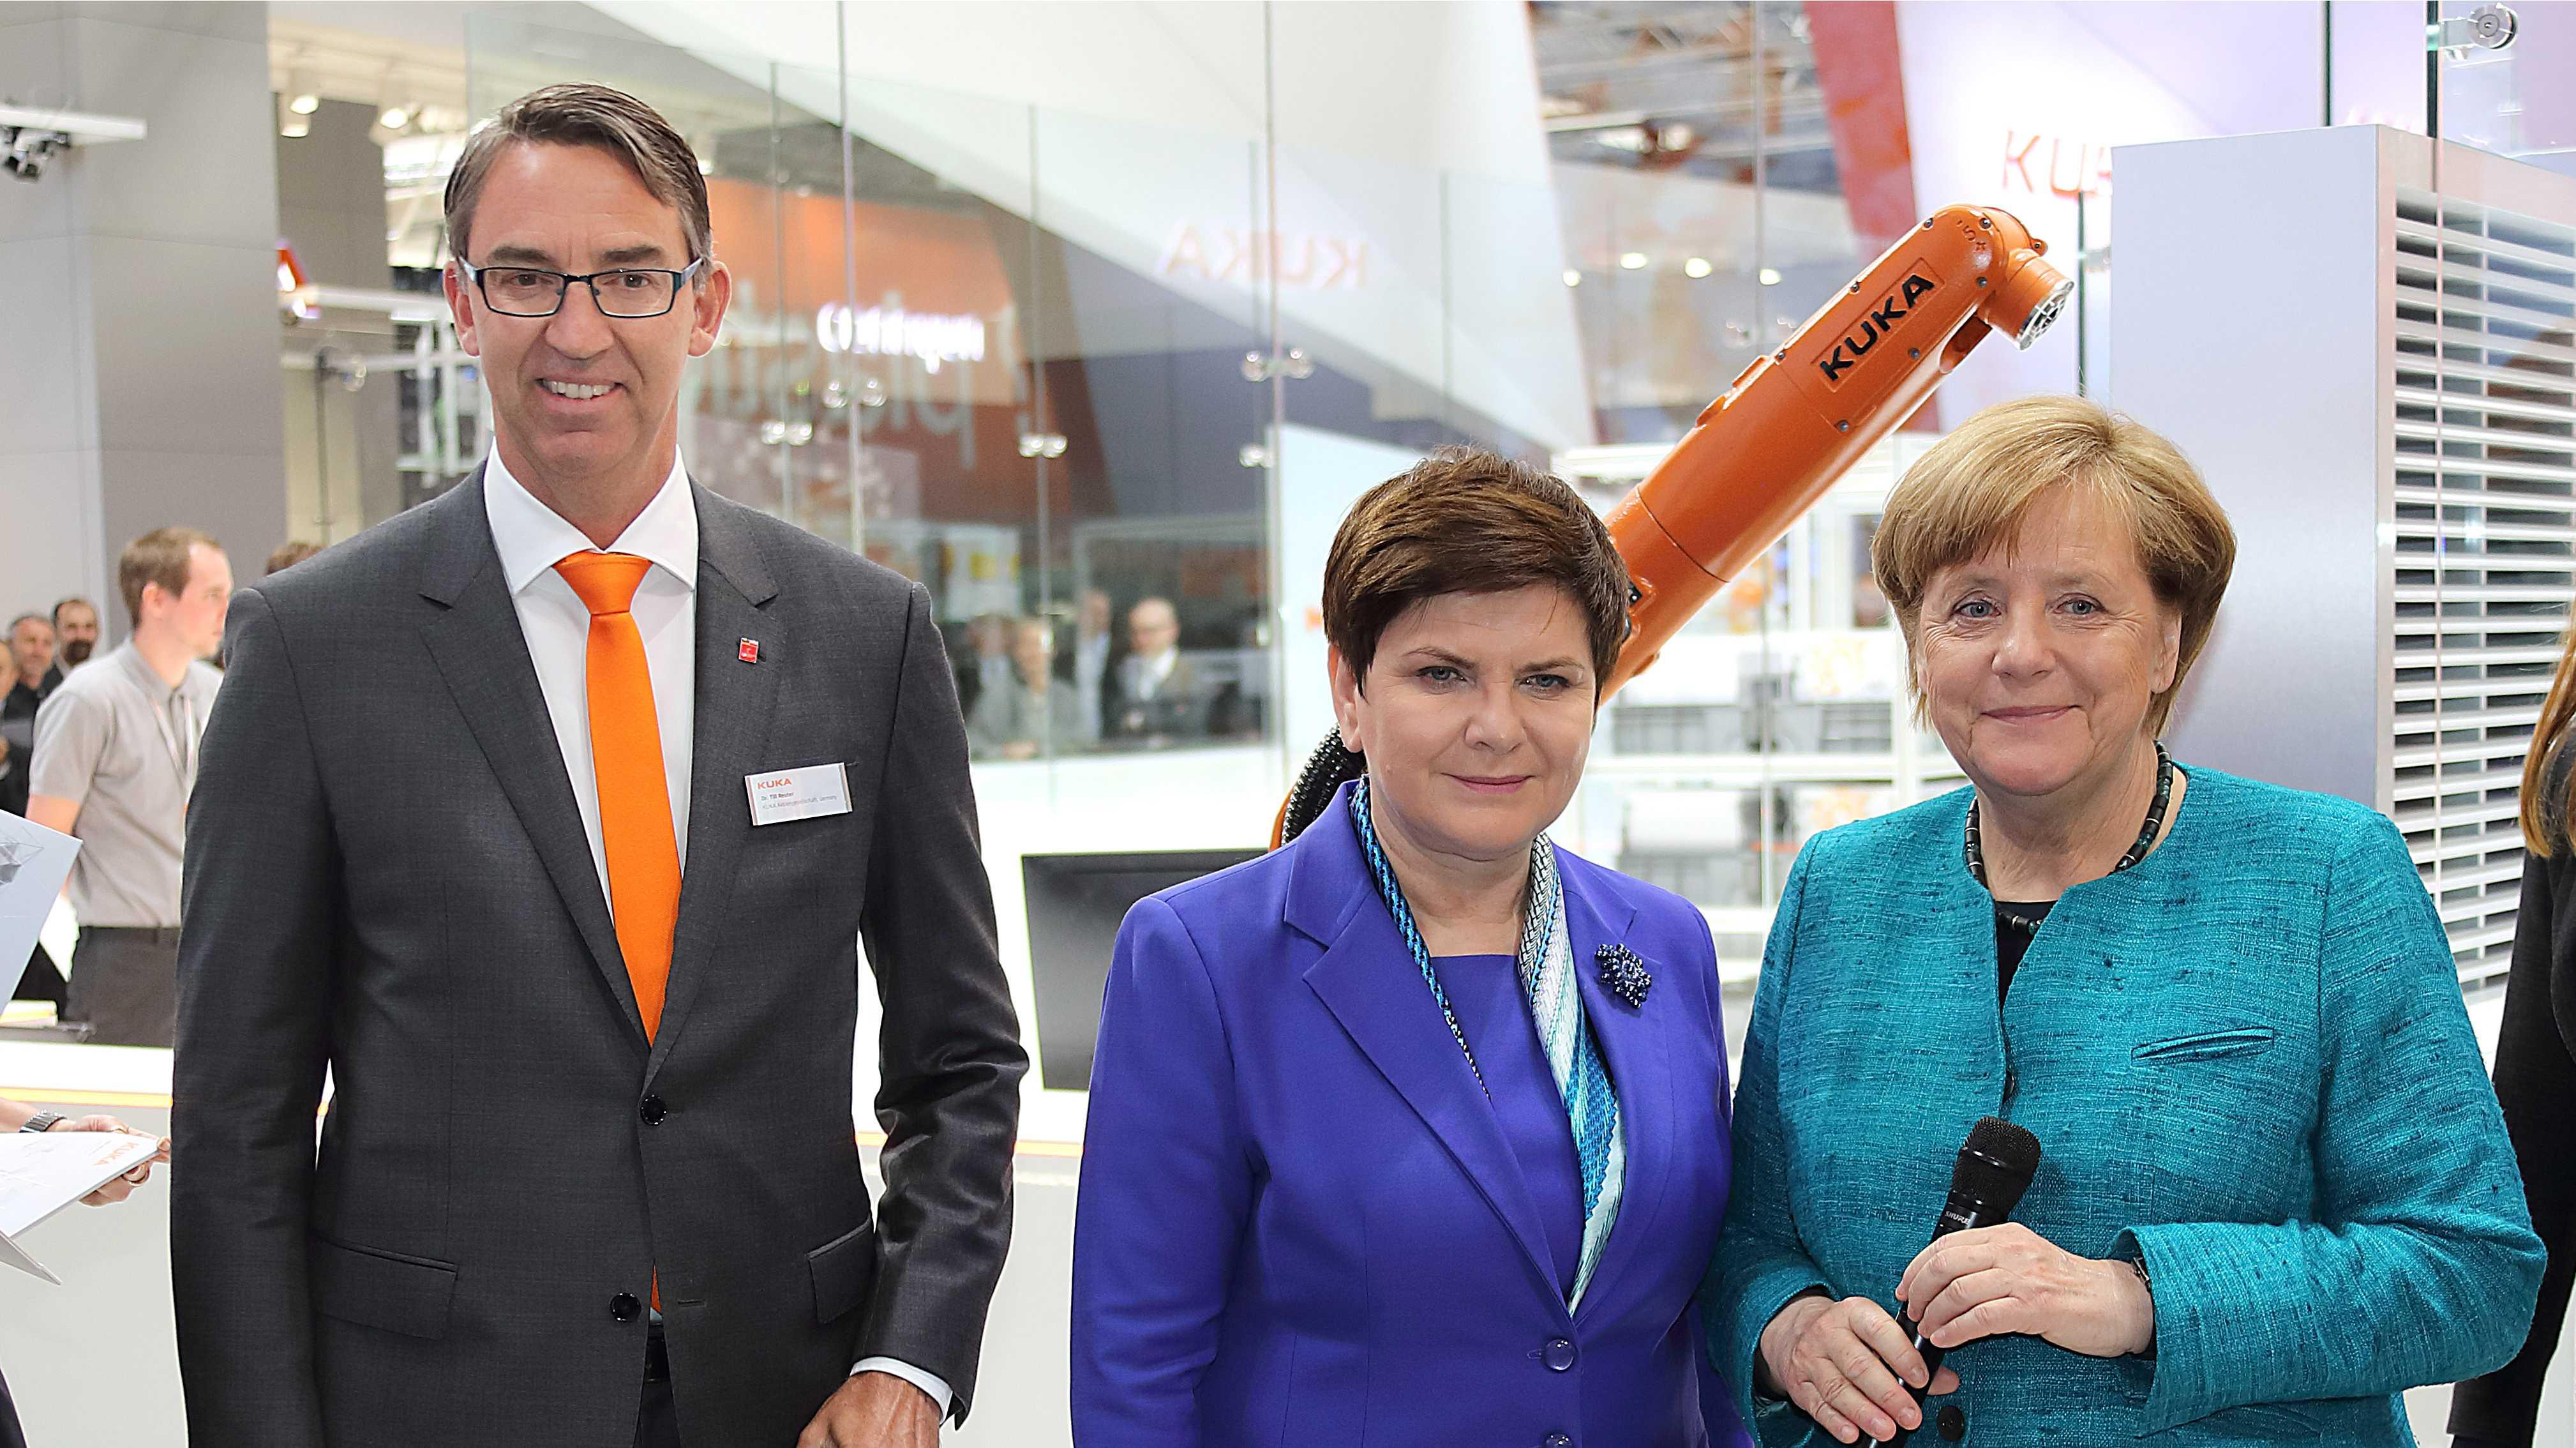 Kuka-Vorstandschef Reuter verlässt vorzeitig Roboterhersteller